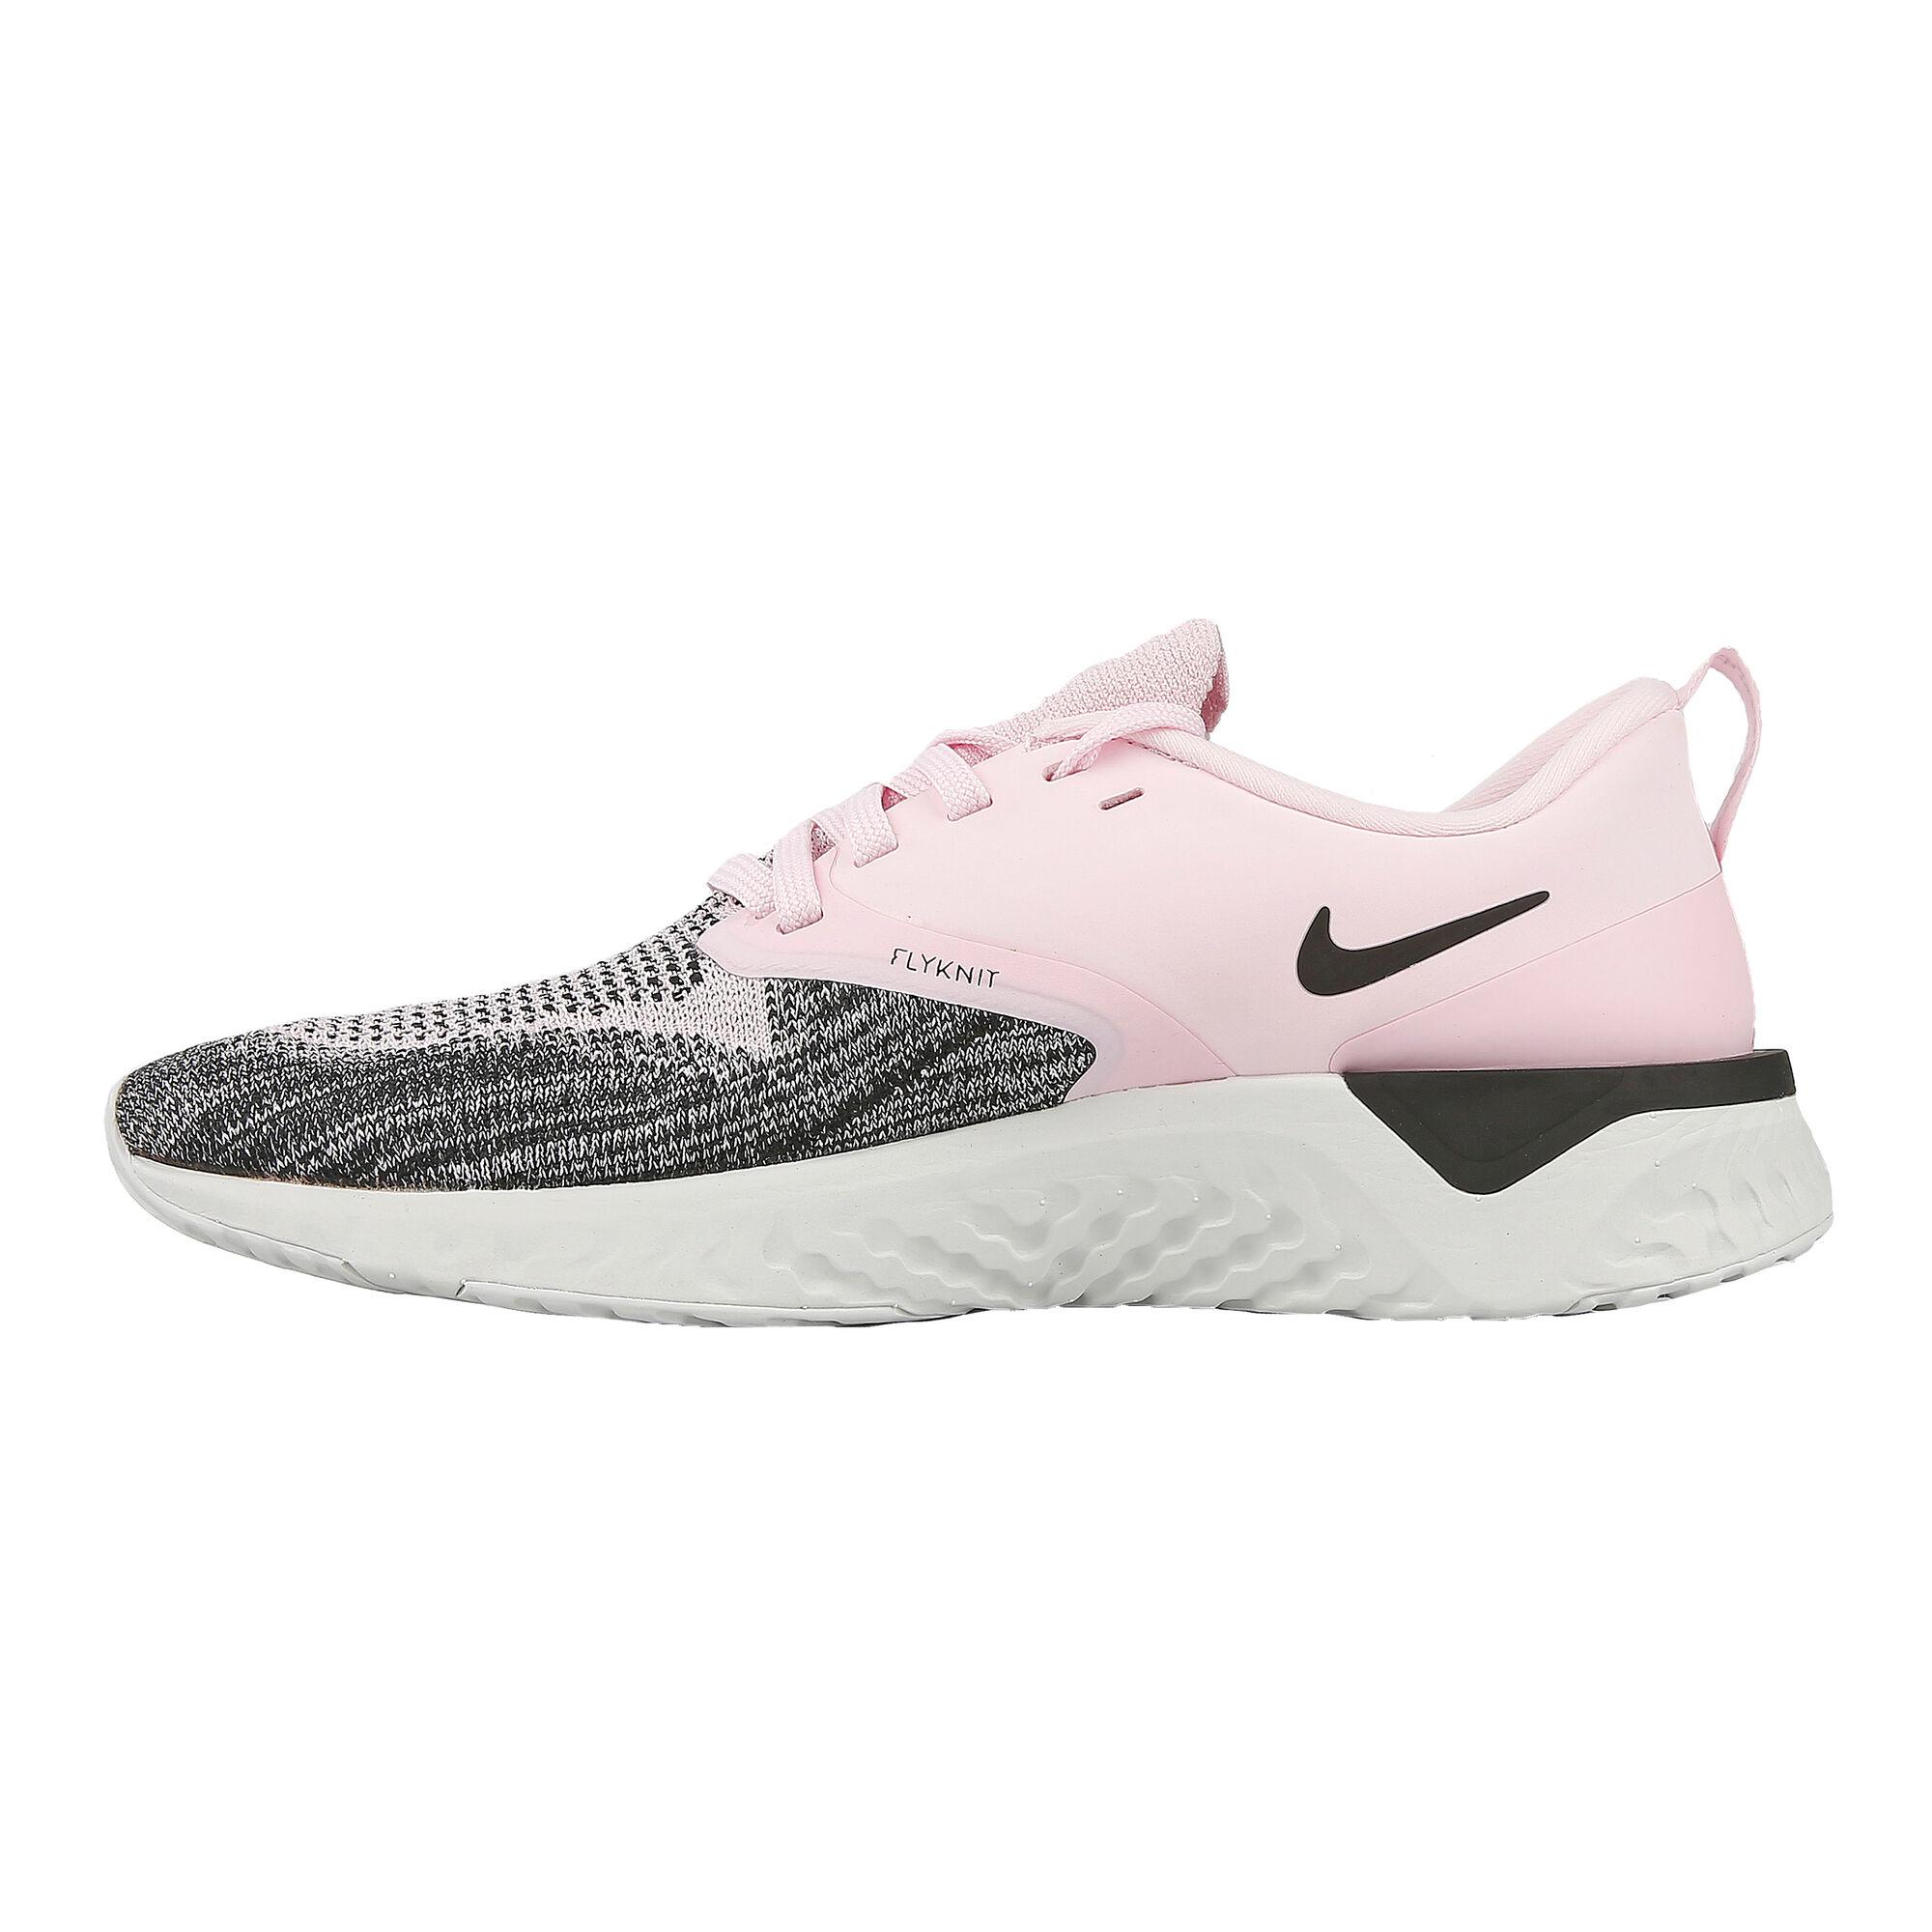 503c00bdb343 Nike  Nike  Nike  Nike  Nike  Nike  Nike. Odyssey React Flyknit 2 Women ...